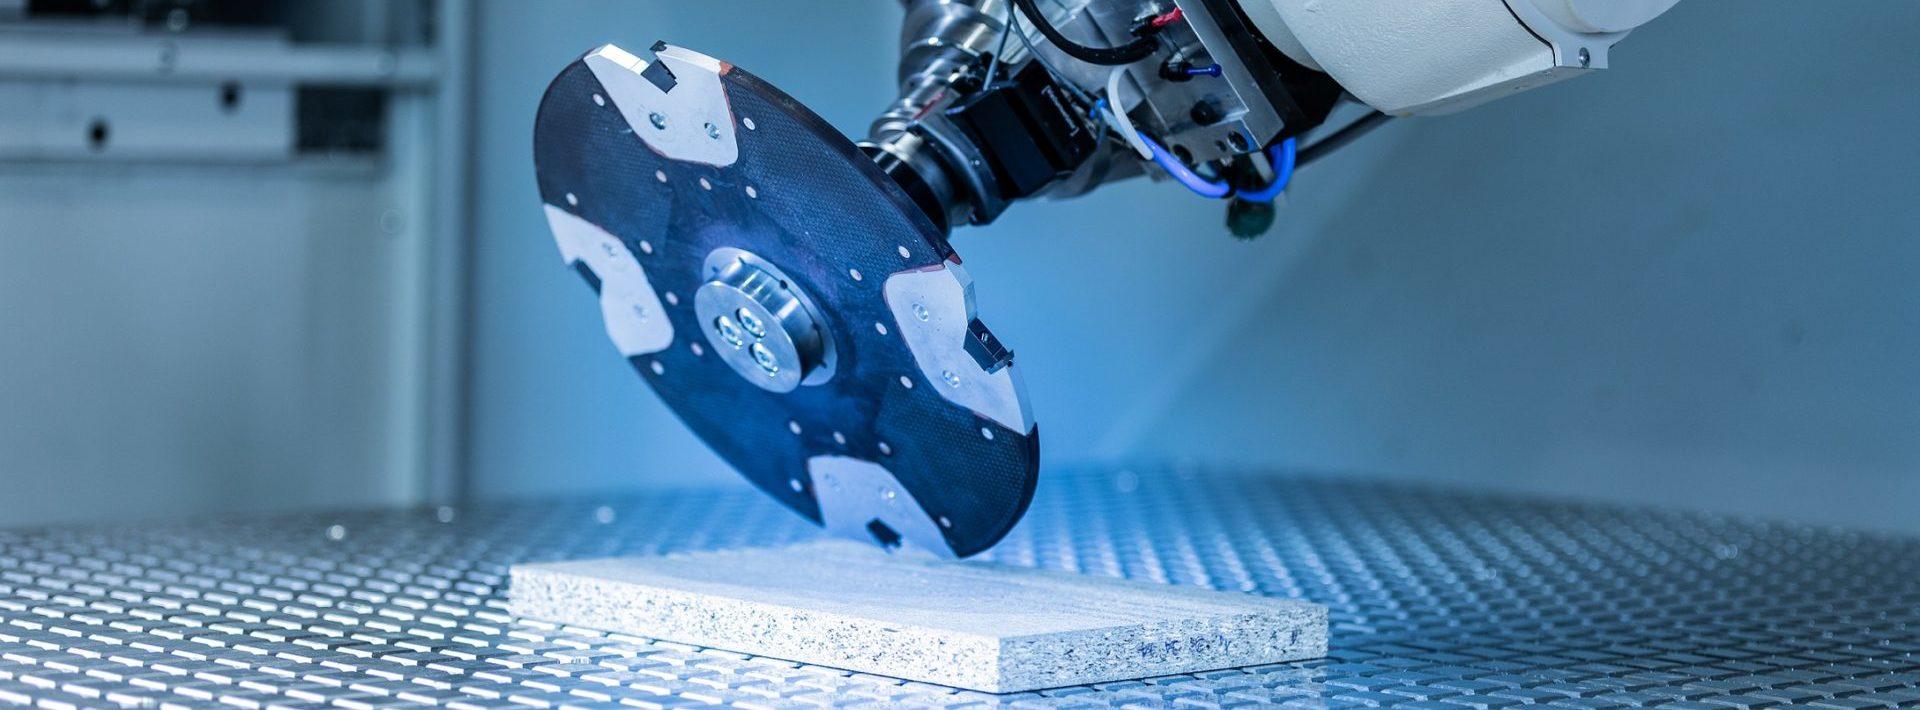 Das Zentrum für Leichtbautechnologien entwickelt gewichtsoptimierte Produktionssysteme sowie Lösungen für den Bearbeitungs- und Recyclingprozess von Multi-Materialverbunden.